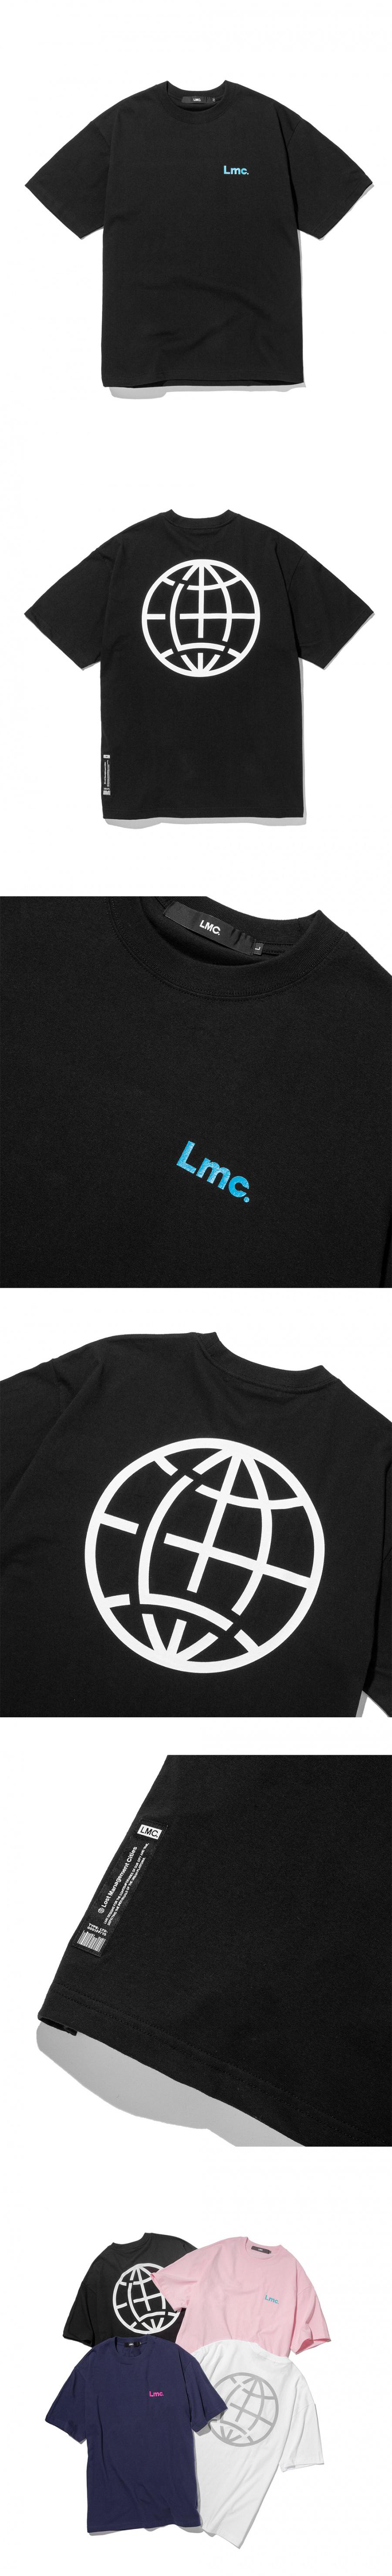 엘엠씨(LMC) LMC LOWER CASE TEE black